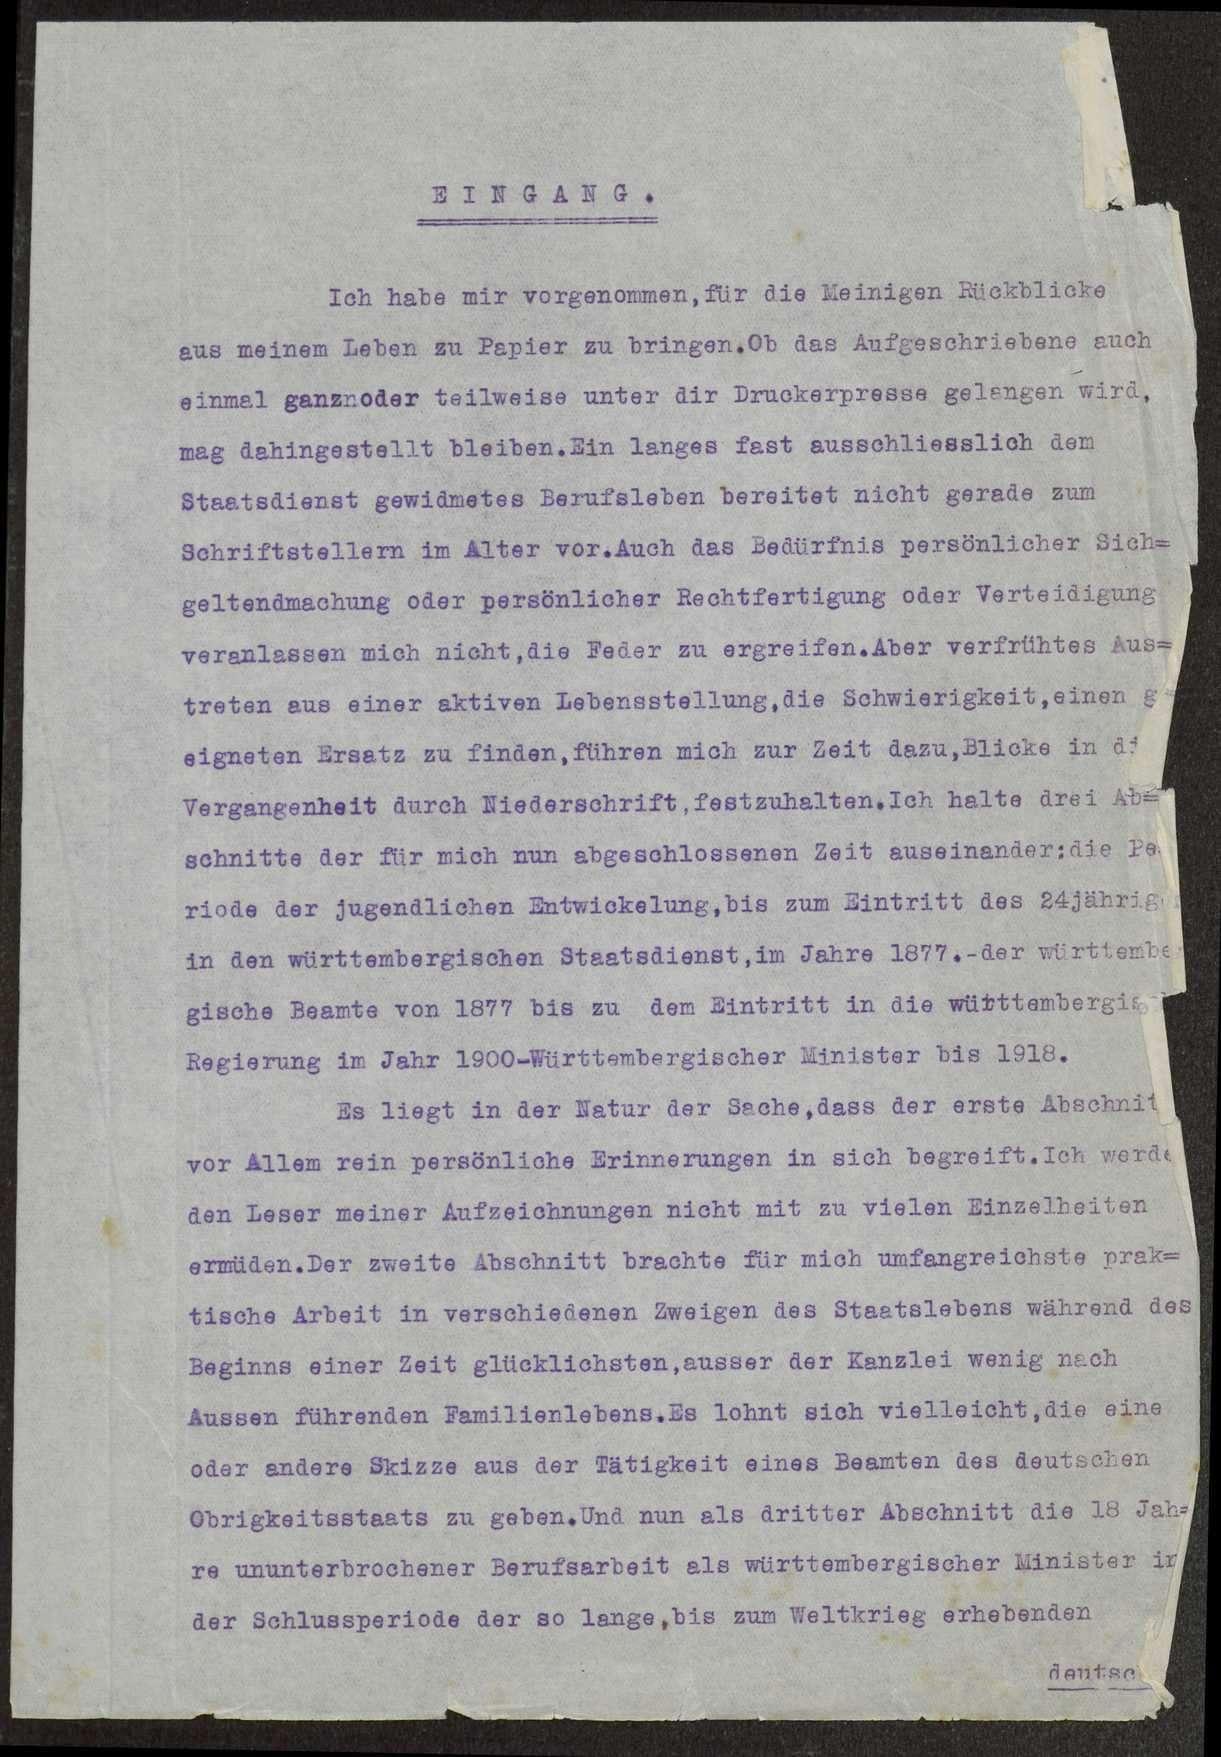 Lebenserinnerungen von Weizsäcker. Maschinenschriftliche Abschrift von Gustel Meibom. Weiterführung von Ernst v. Weizsäcker, 1926, Bild 2